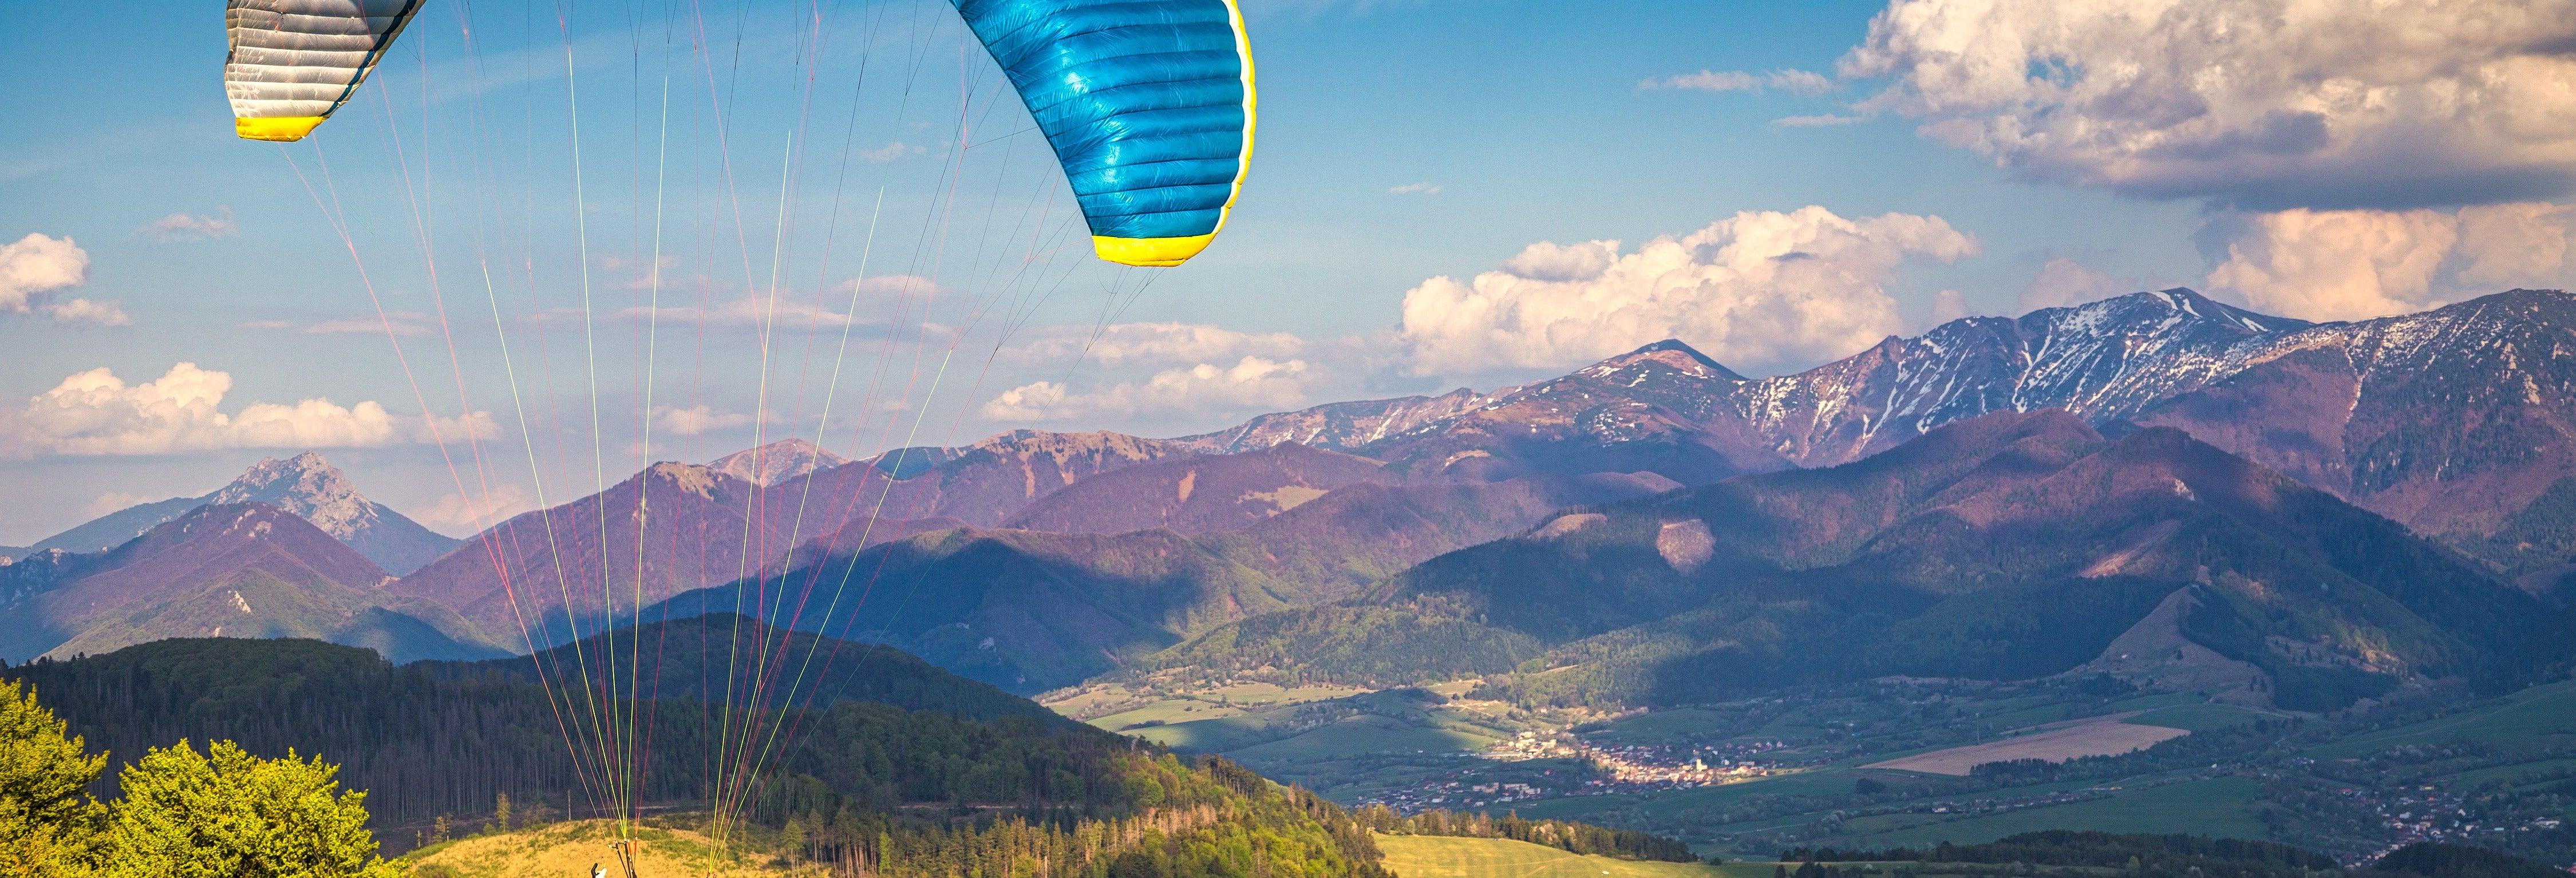 Vuelo en parapente por la Reserva Nacional de Paracas